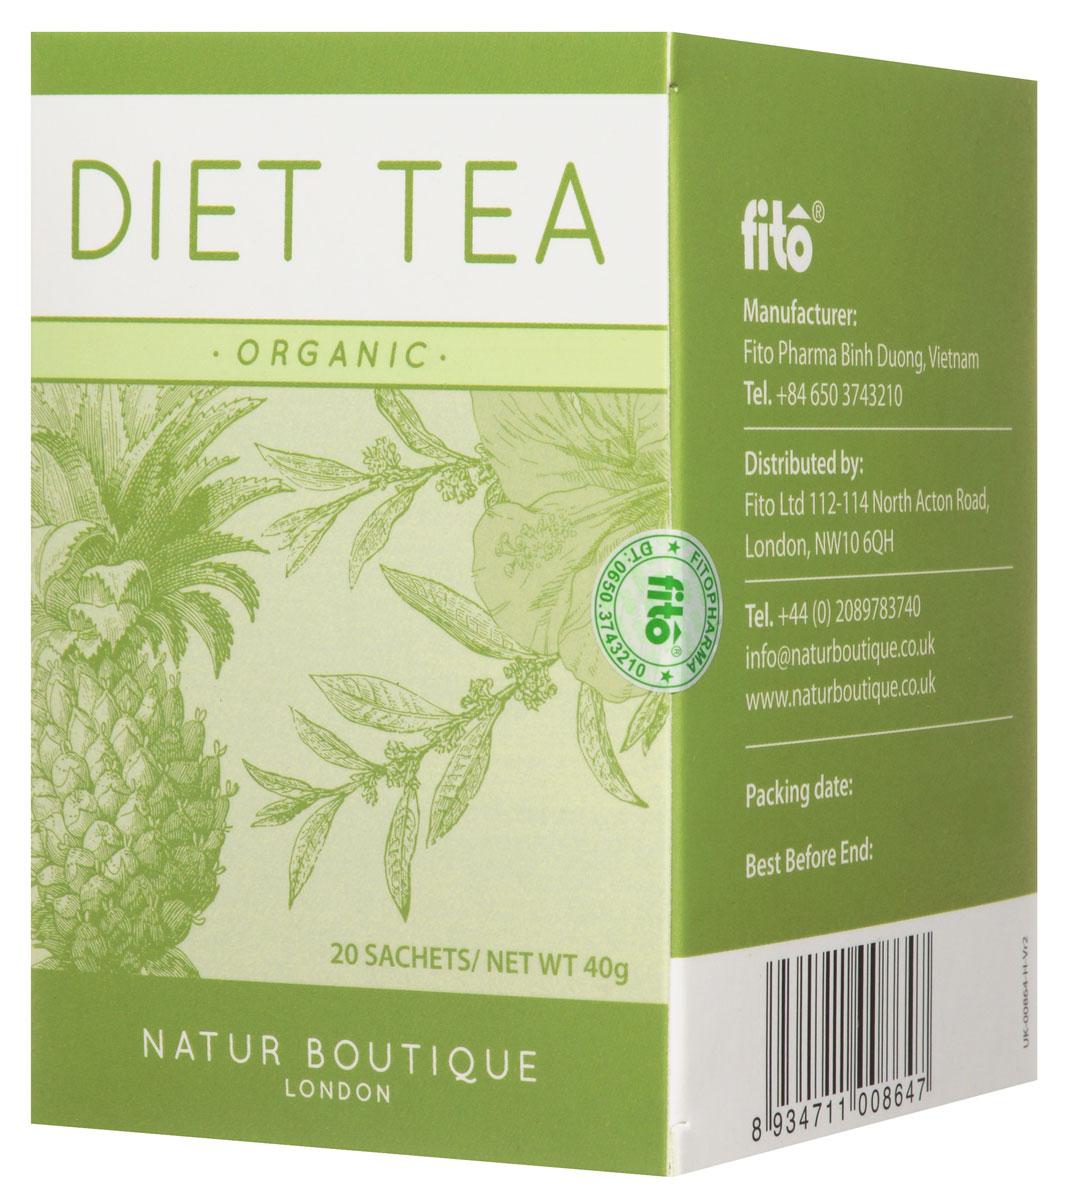 Natur Boutique Diet Organic Tea органический чай диетический, 20 пакетиков251Зеленый чай Natur Boutique Diet Organic Tea помогает похудеть за счет ускорения обмена веществ, регулирования уровня глюкозы, снижения аппетита и улучшения сжигания жиров. Ортосифон имеет мягкое калийсберегающее мочегонное действие, и, таким образом, способствует безопасному похудению. Ананас, благодаря содержанию бромелайна, ускоряет обмен веществ, выводит из организма токсины, делает мочегонное и противовоспалительное действие. Гибискус (каркаде) обладает антиоксидантным, мягким мочегонным и слабительным действием, а также укрепляет сосуды и нормализует пищеварение. Состав: органический зеленый чай, трава органического ортосифона, плоды органического ананаса, цветы органического гибискуса. Органический чай на основе зеленого чая, ортосифона, ананаса и гибискуса удивит приятным фруктовым вкусом и поможет на пути к стройной фигуре. Все растения, входящие в состав чая, выращены без использования синтетических пестицидов и минеральных удобрений на лучших плантациях...